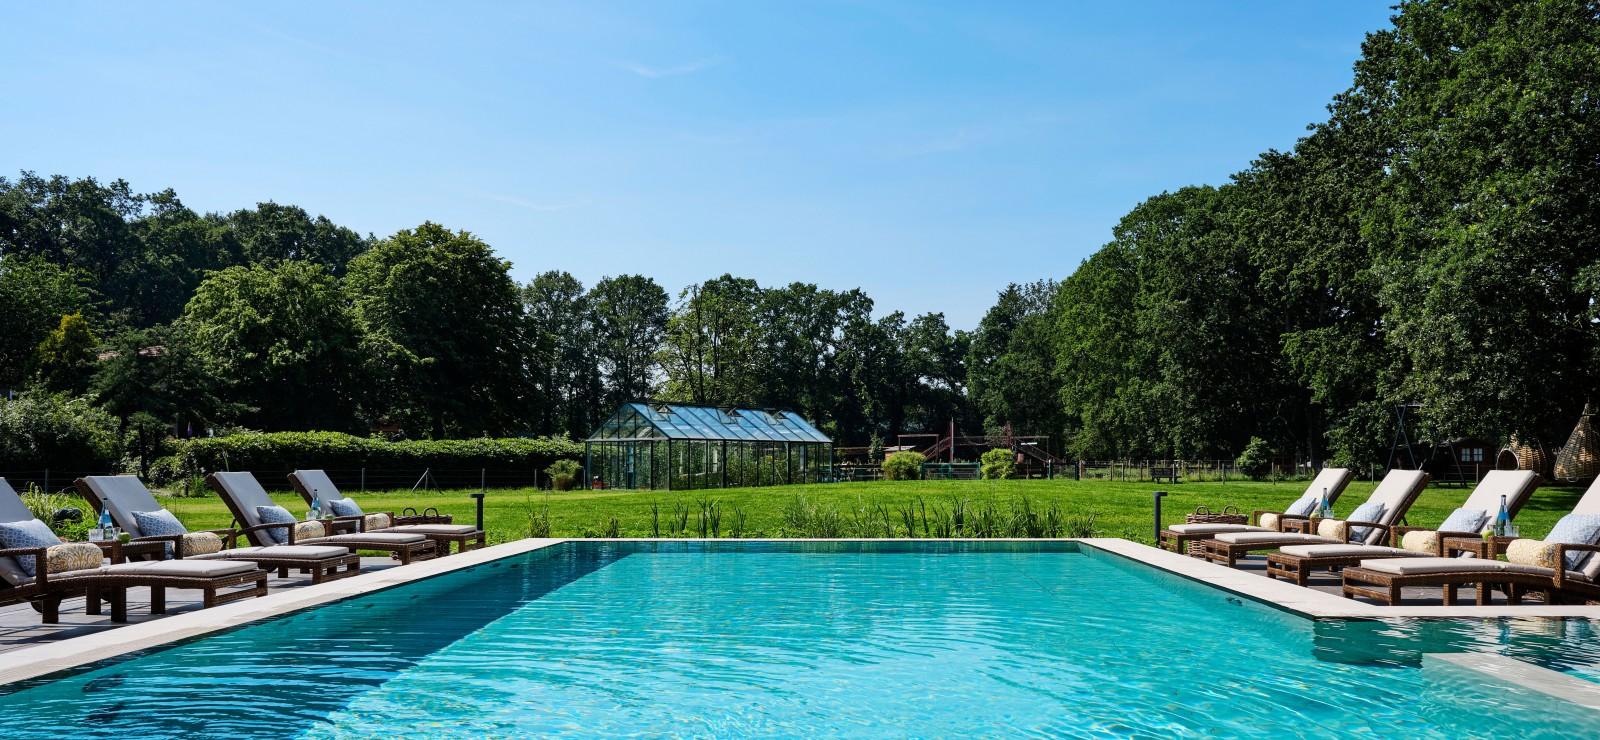 Romantik Hotel Jagdhaus Eiden am See Bilder | Bild 1